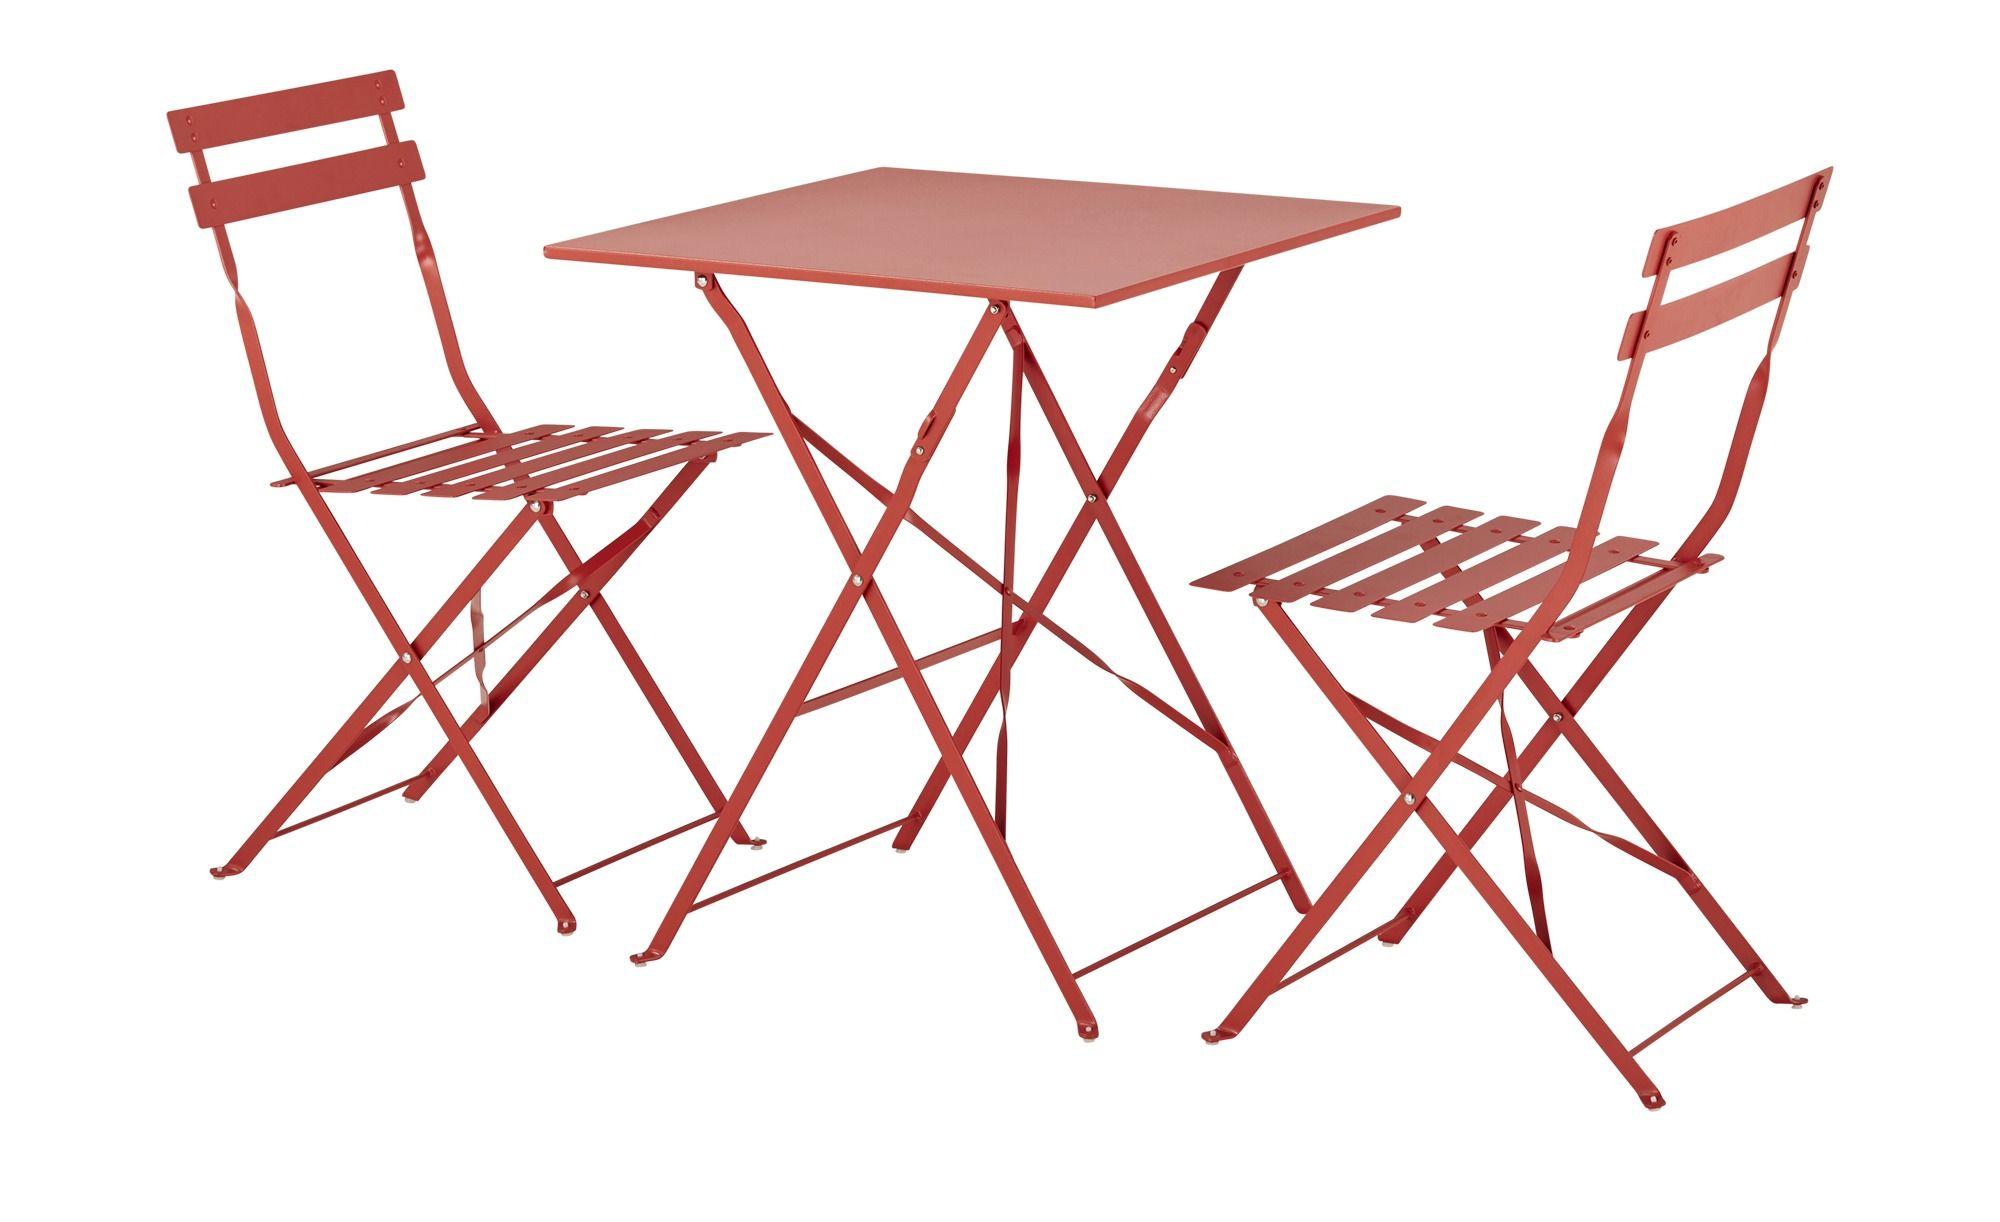 Balkonset Sierro Gartenmobel Sets Tisch Und Stuhle